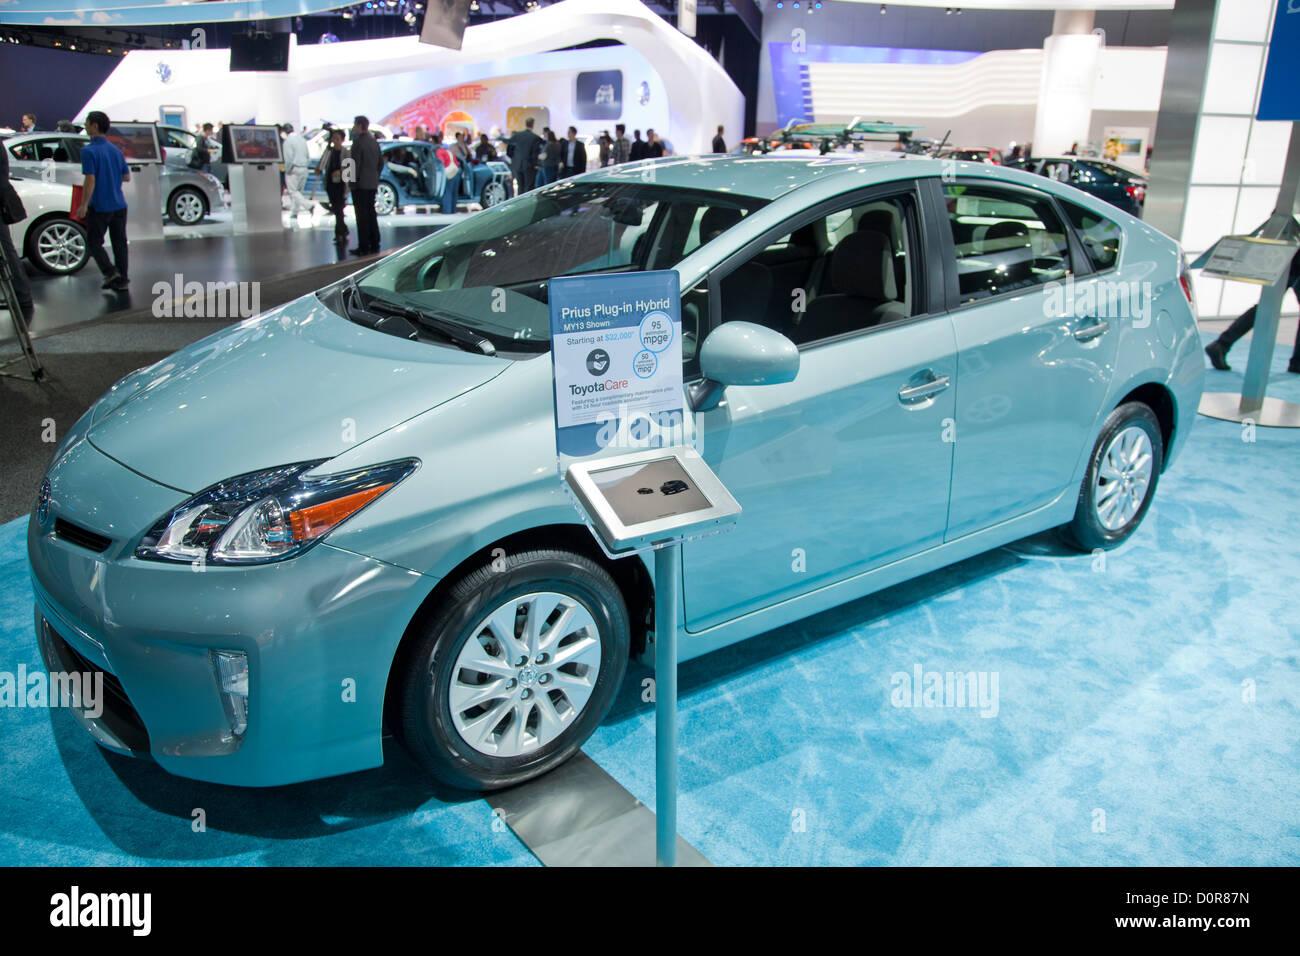 2013 Toyota Prius hybride. 2013 Nouvelles voitures vertes, électriques et hybrides sont en vedette à la Photo Stock